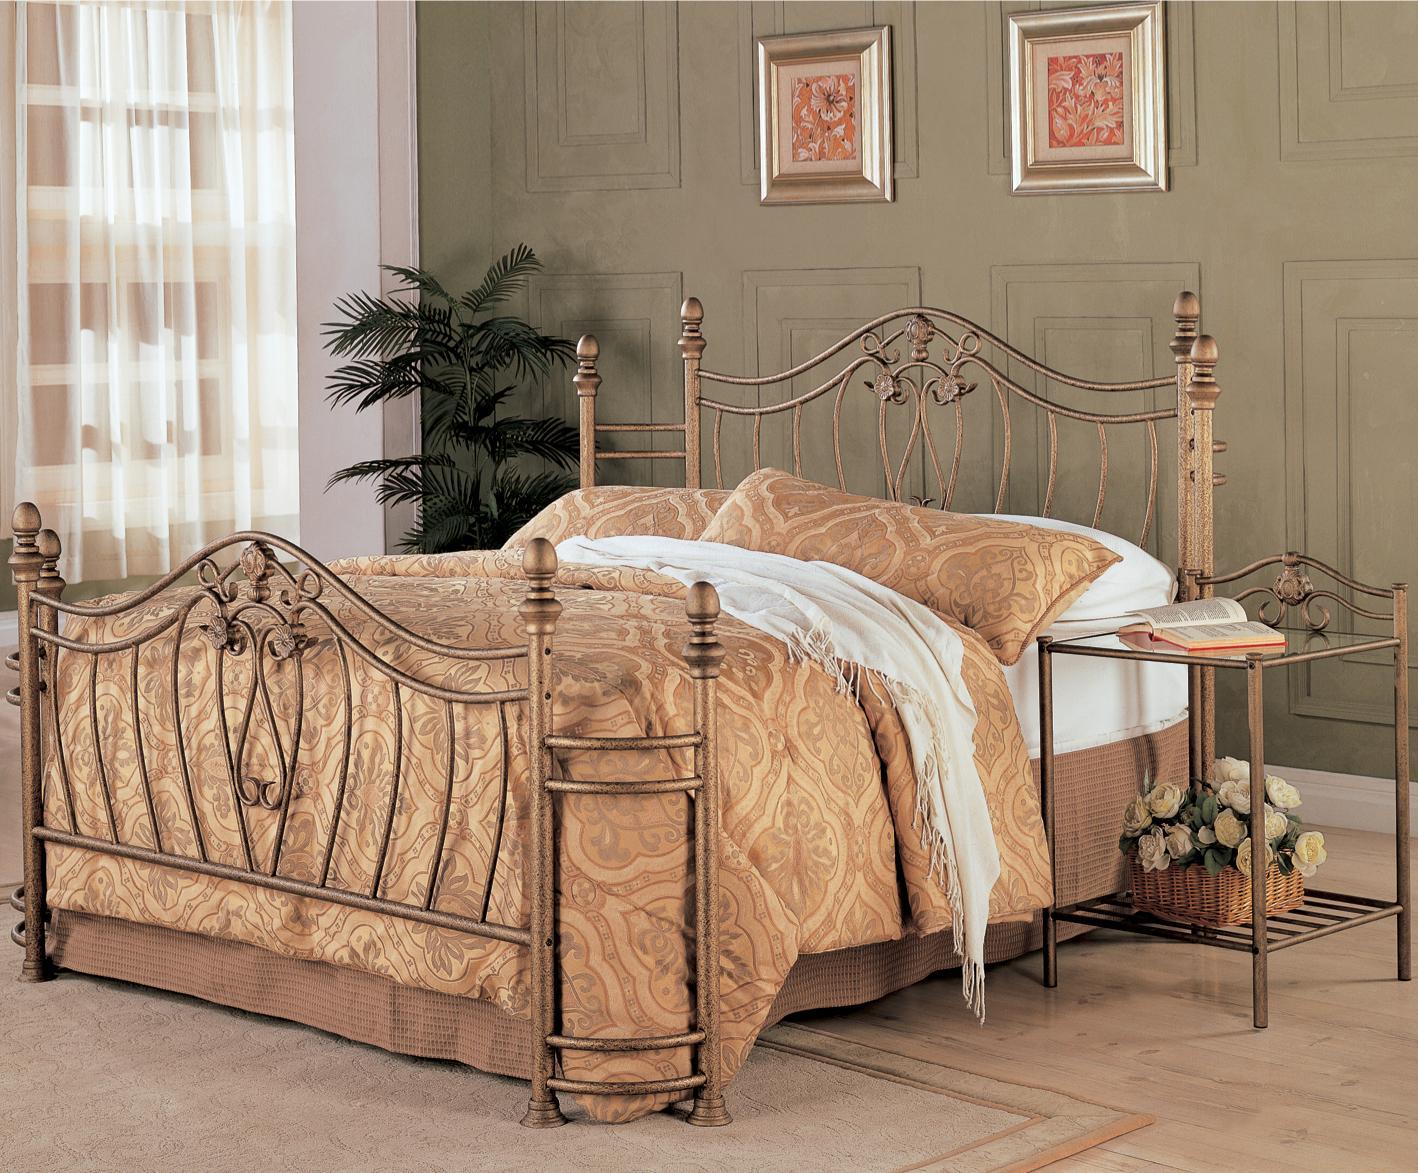 Metal Bedroom Furniture Wood And Metal Bedroom Furniture